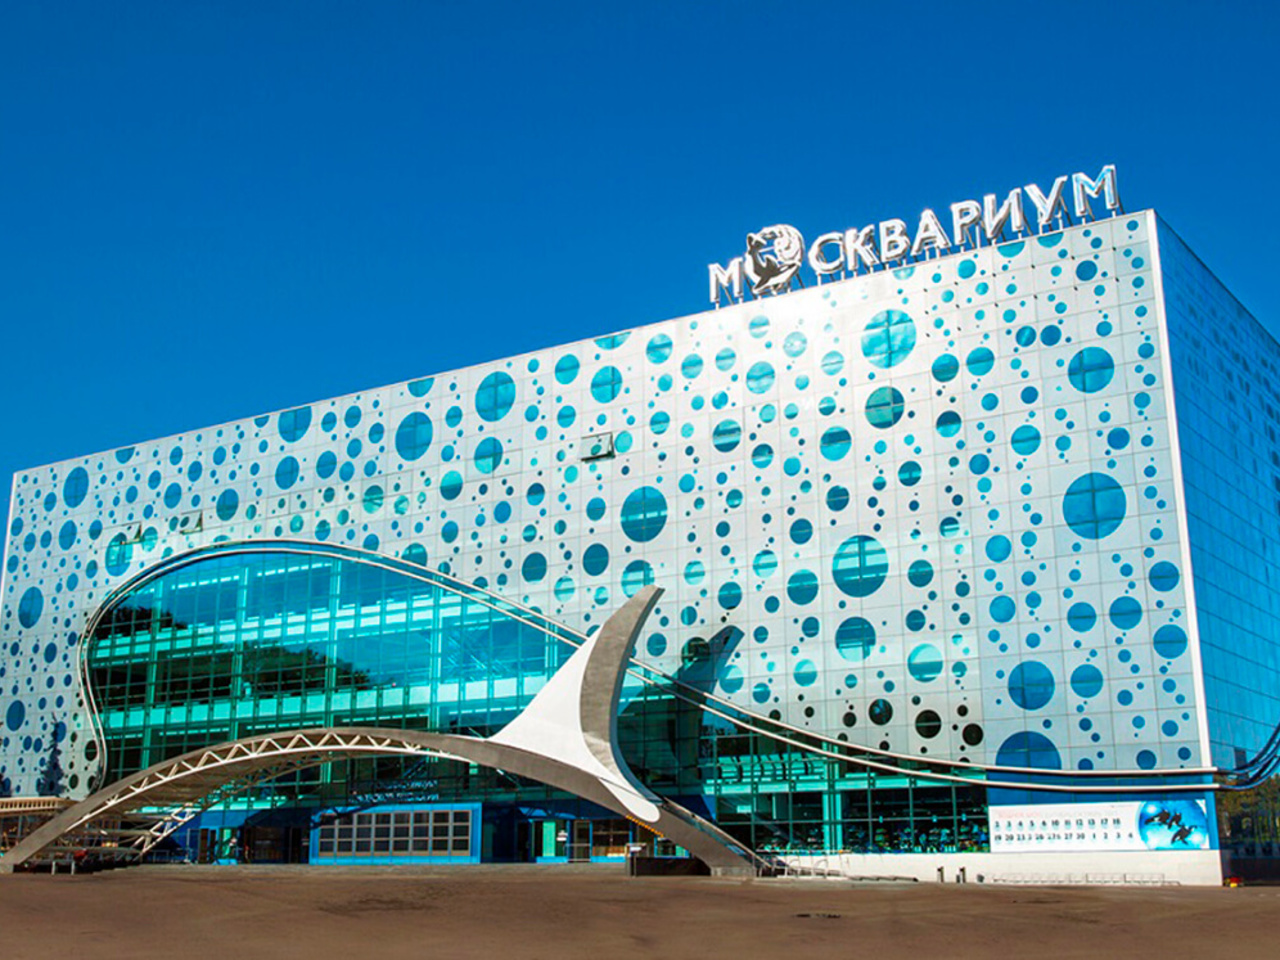 Москвариум, Москва